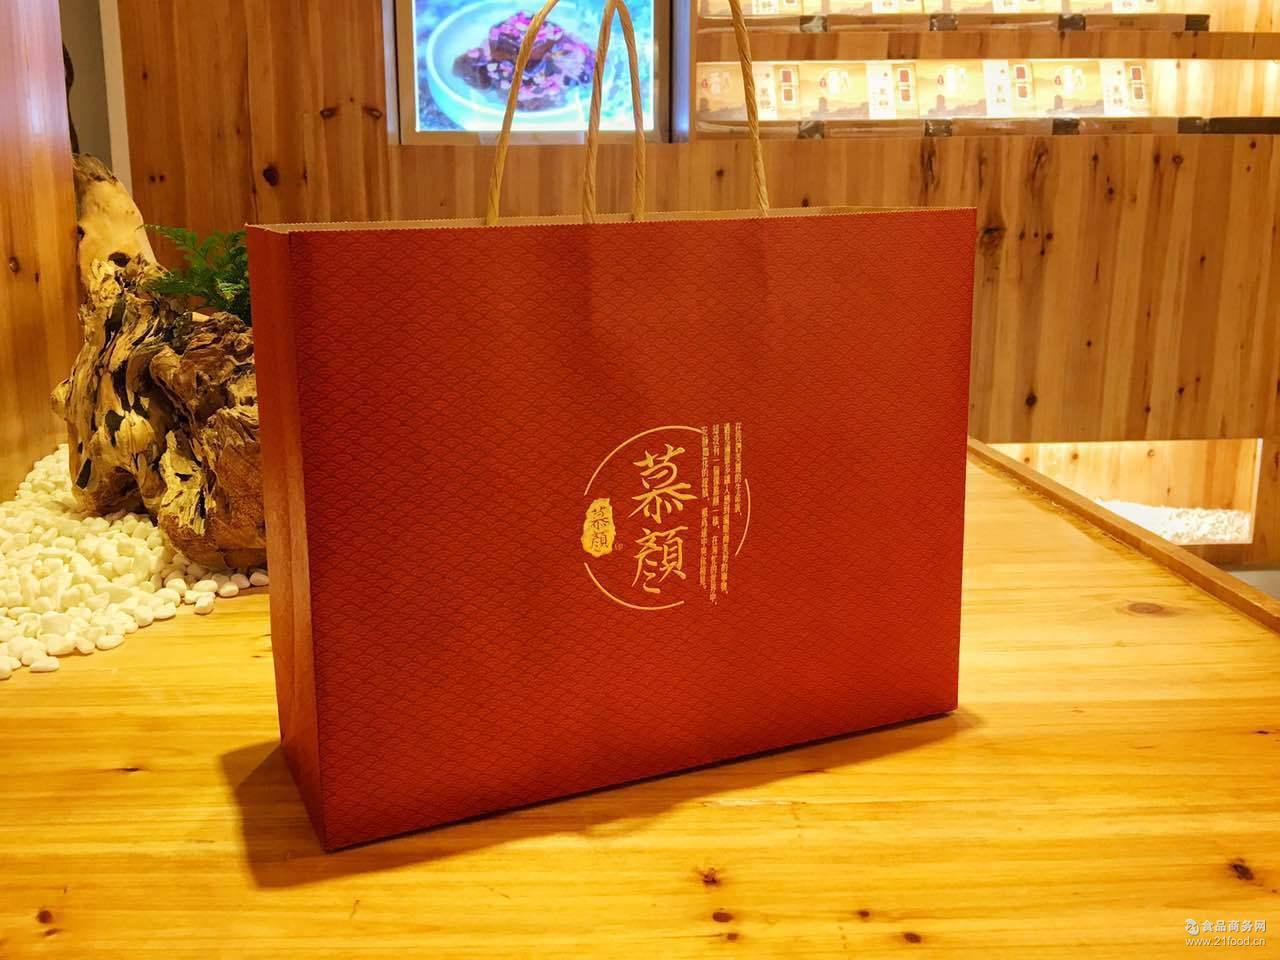 漳州玫瑰老红糖手工熬制桂花黑糖红枣老姜甘蔗红糖礼盒装